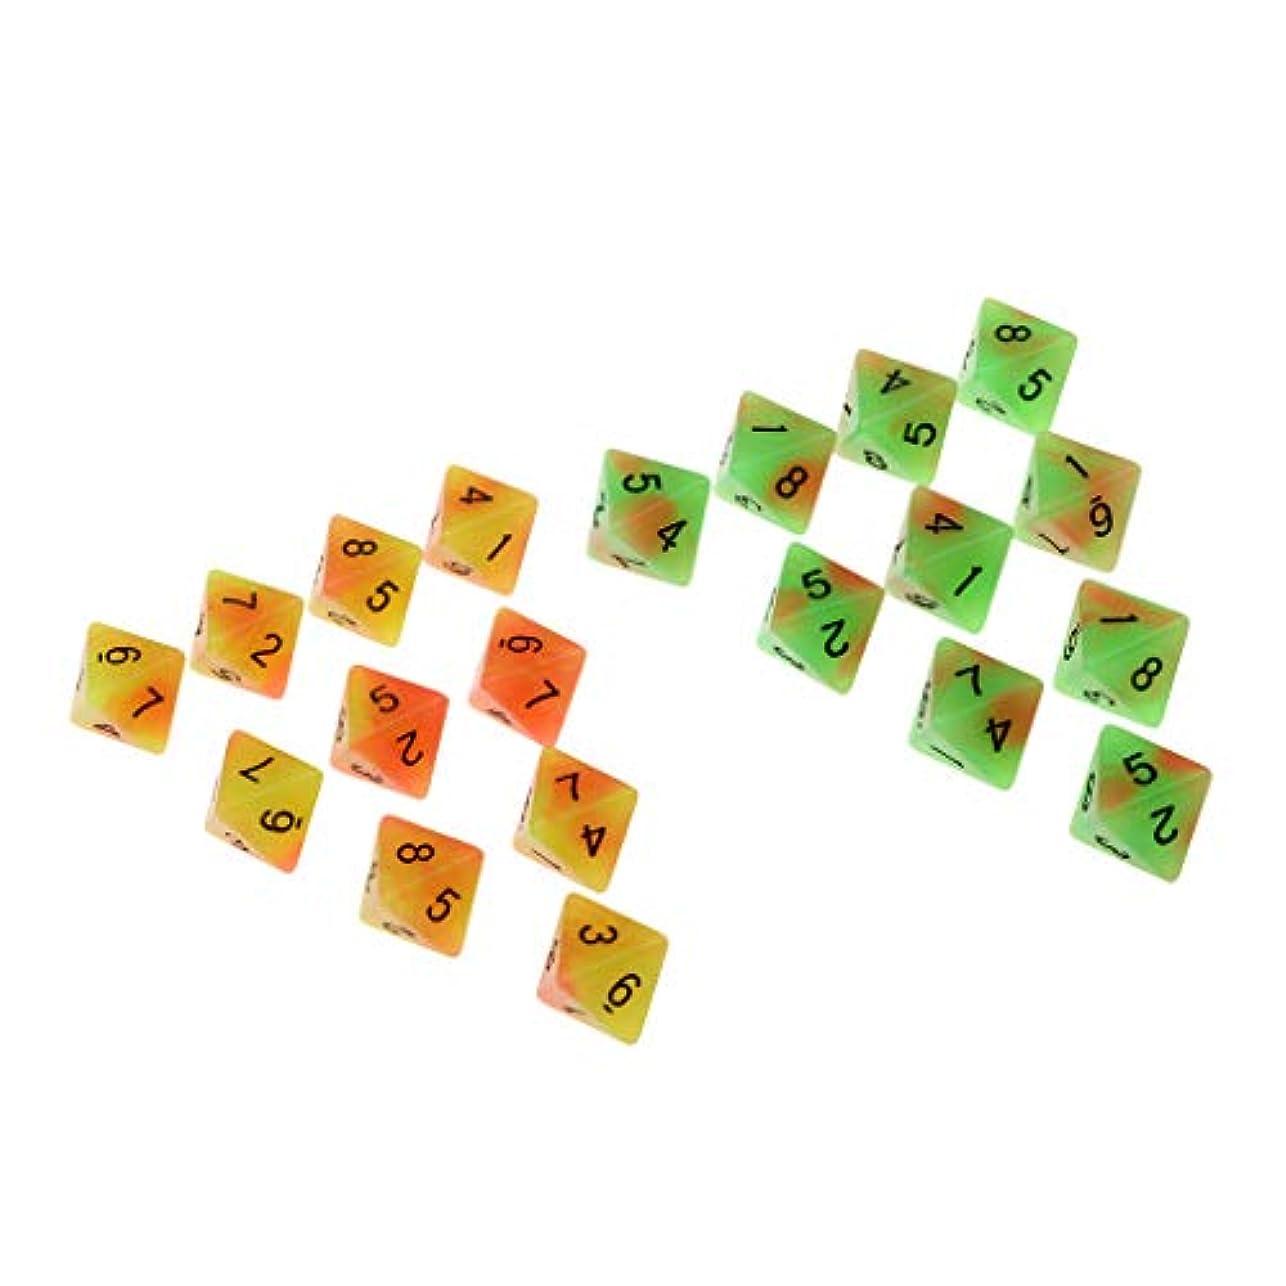 申請者承認ご覧くださいsharprepublic 多面体ダイス サイコロ ダブルカラー D8 楽しい ロールプレイングゲーム 小道具発光 20ピース